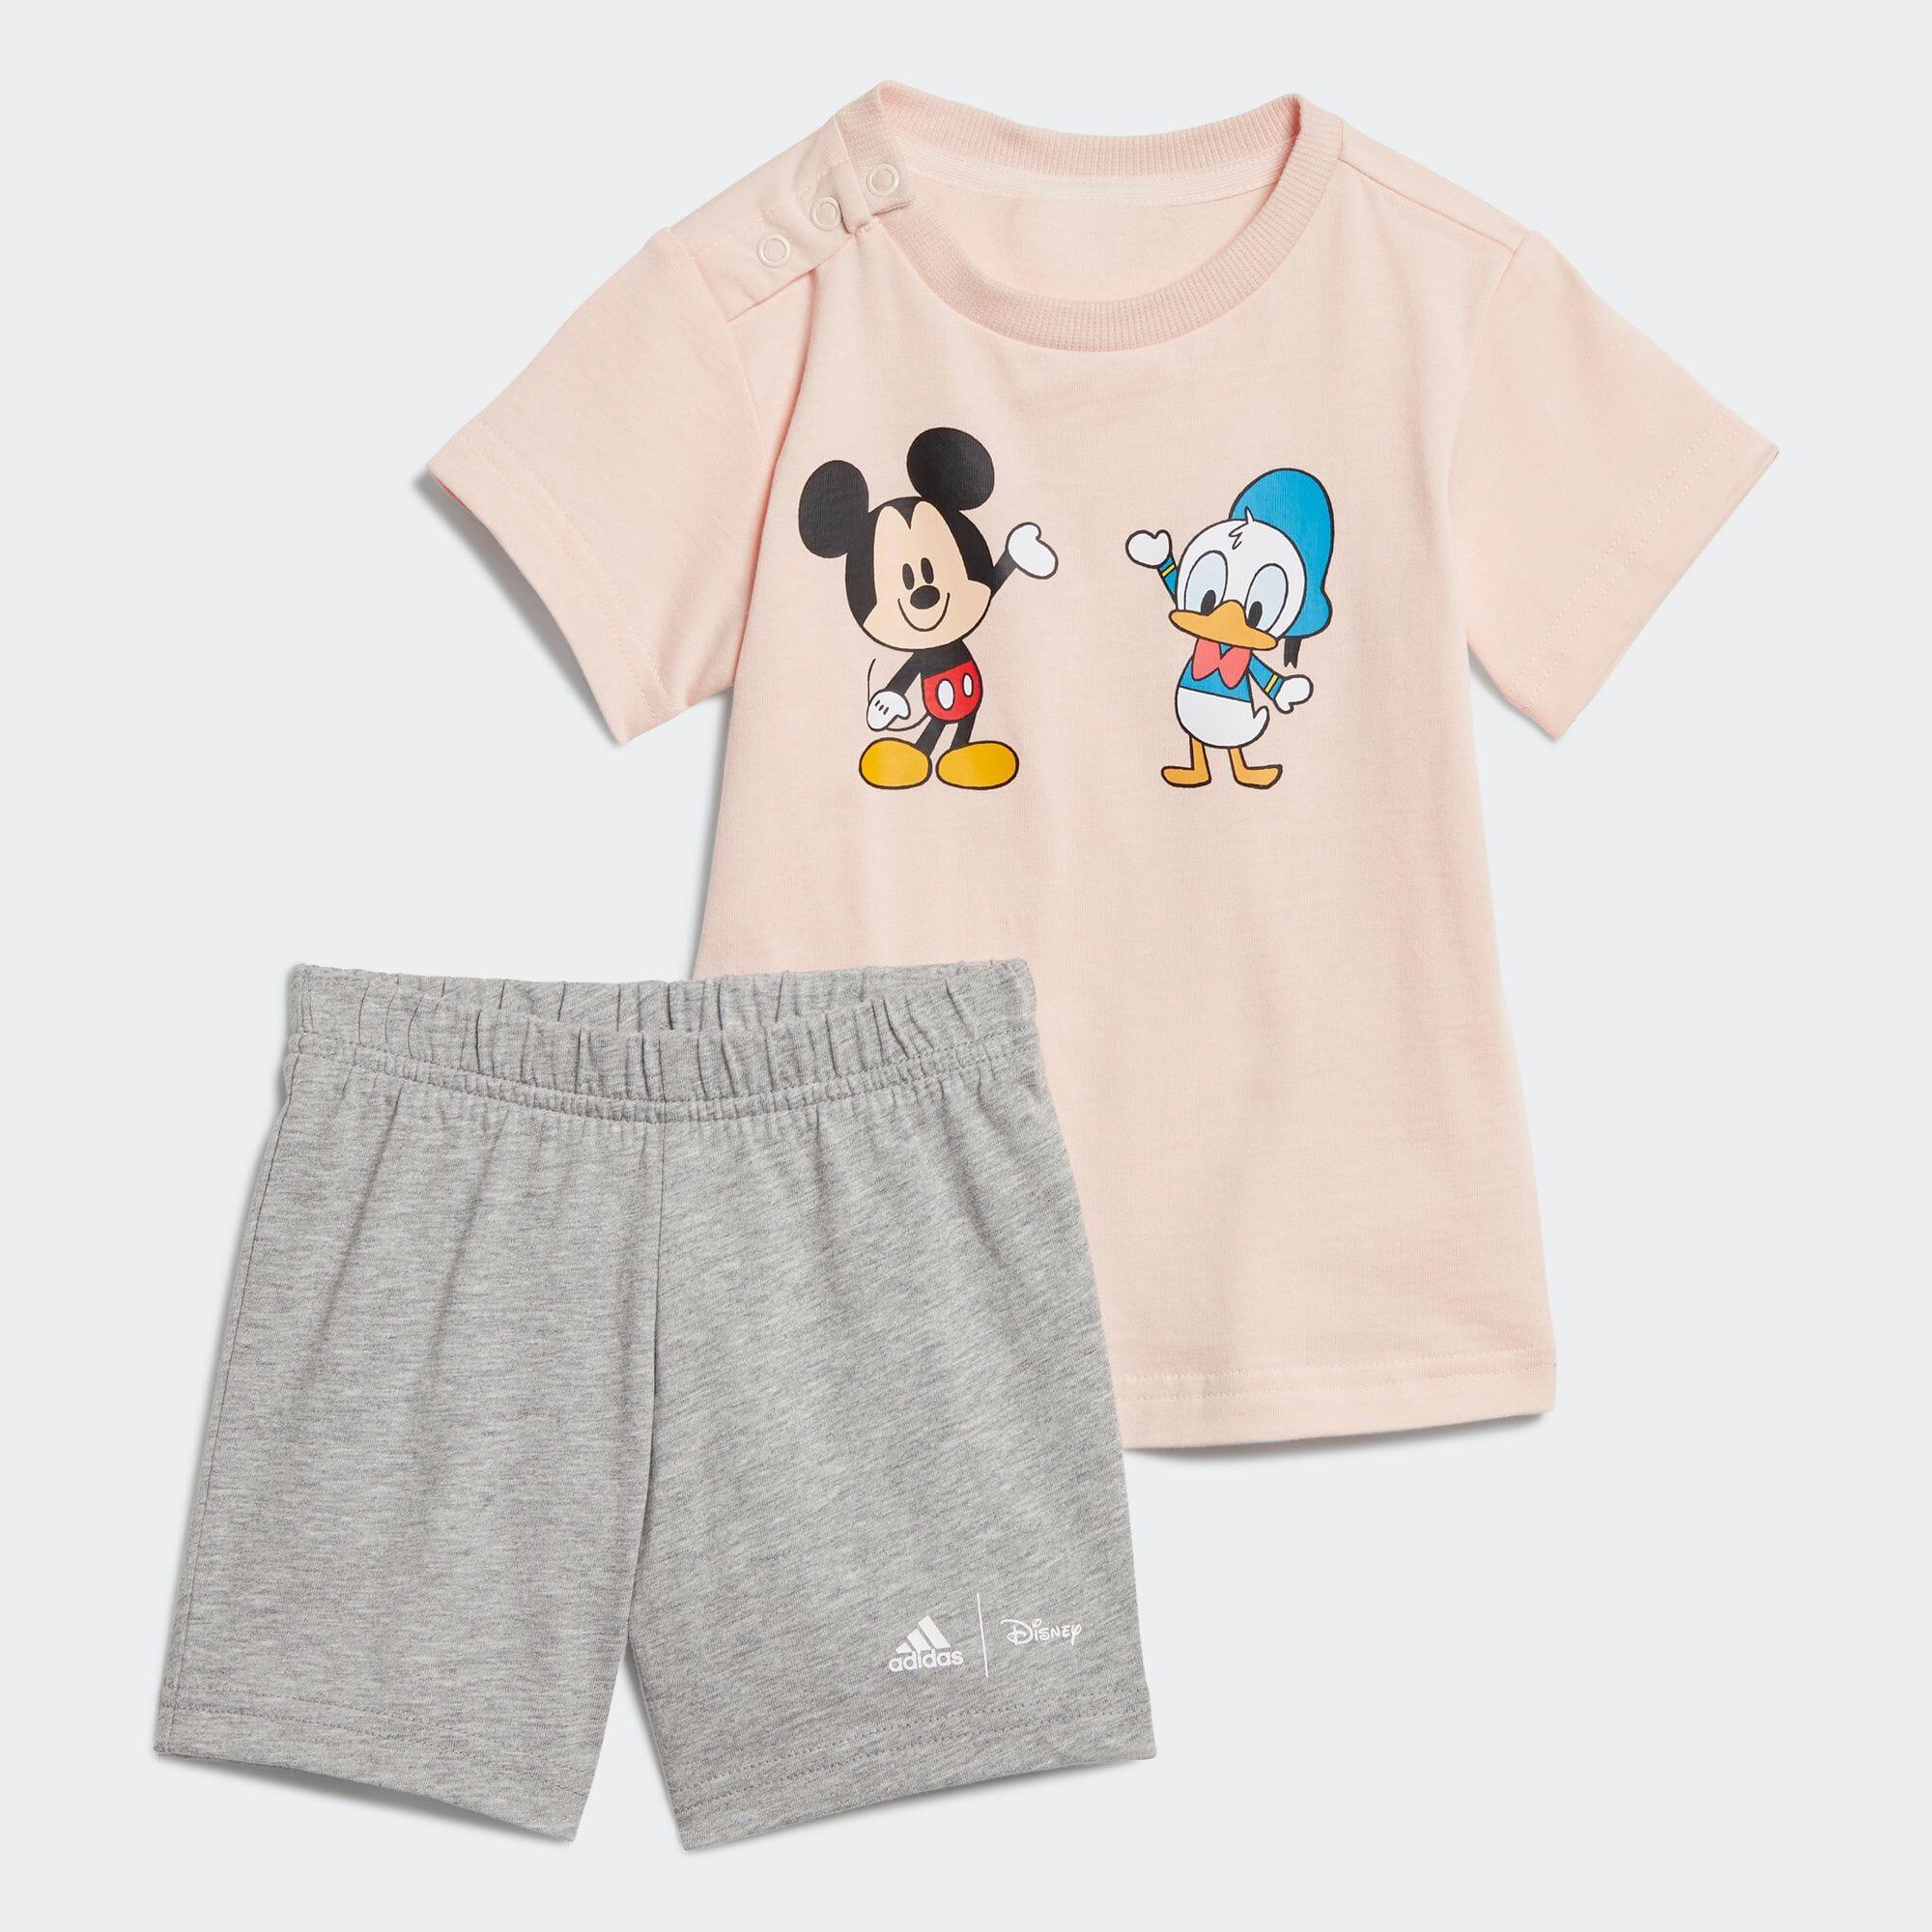 ディズニー トラックスーツ(ジャージセットアップ)/ Disney Track Suit